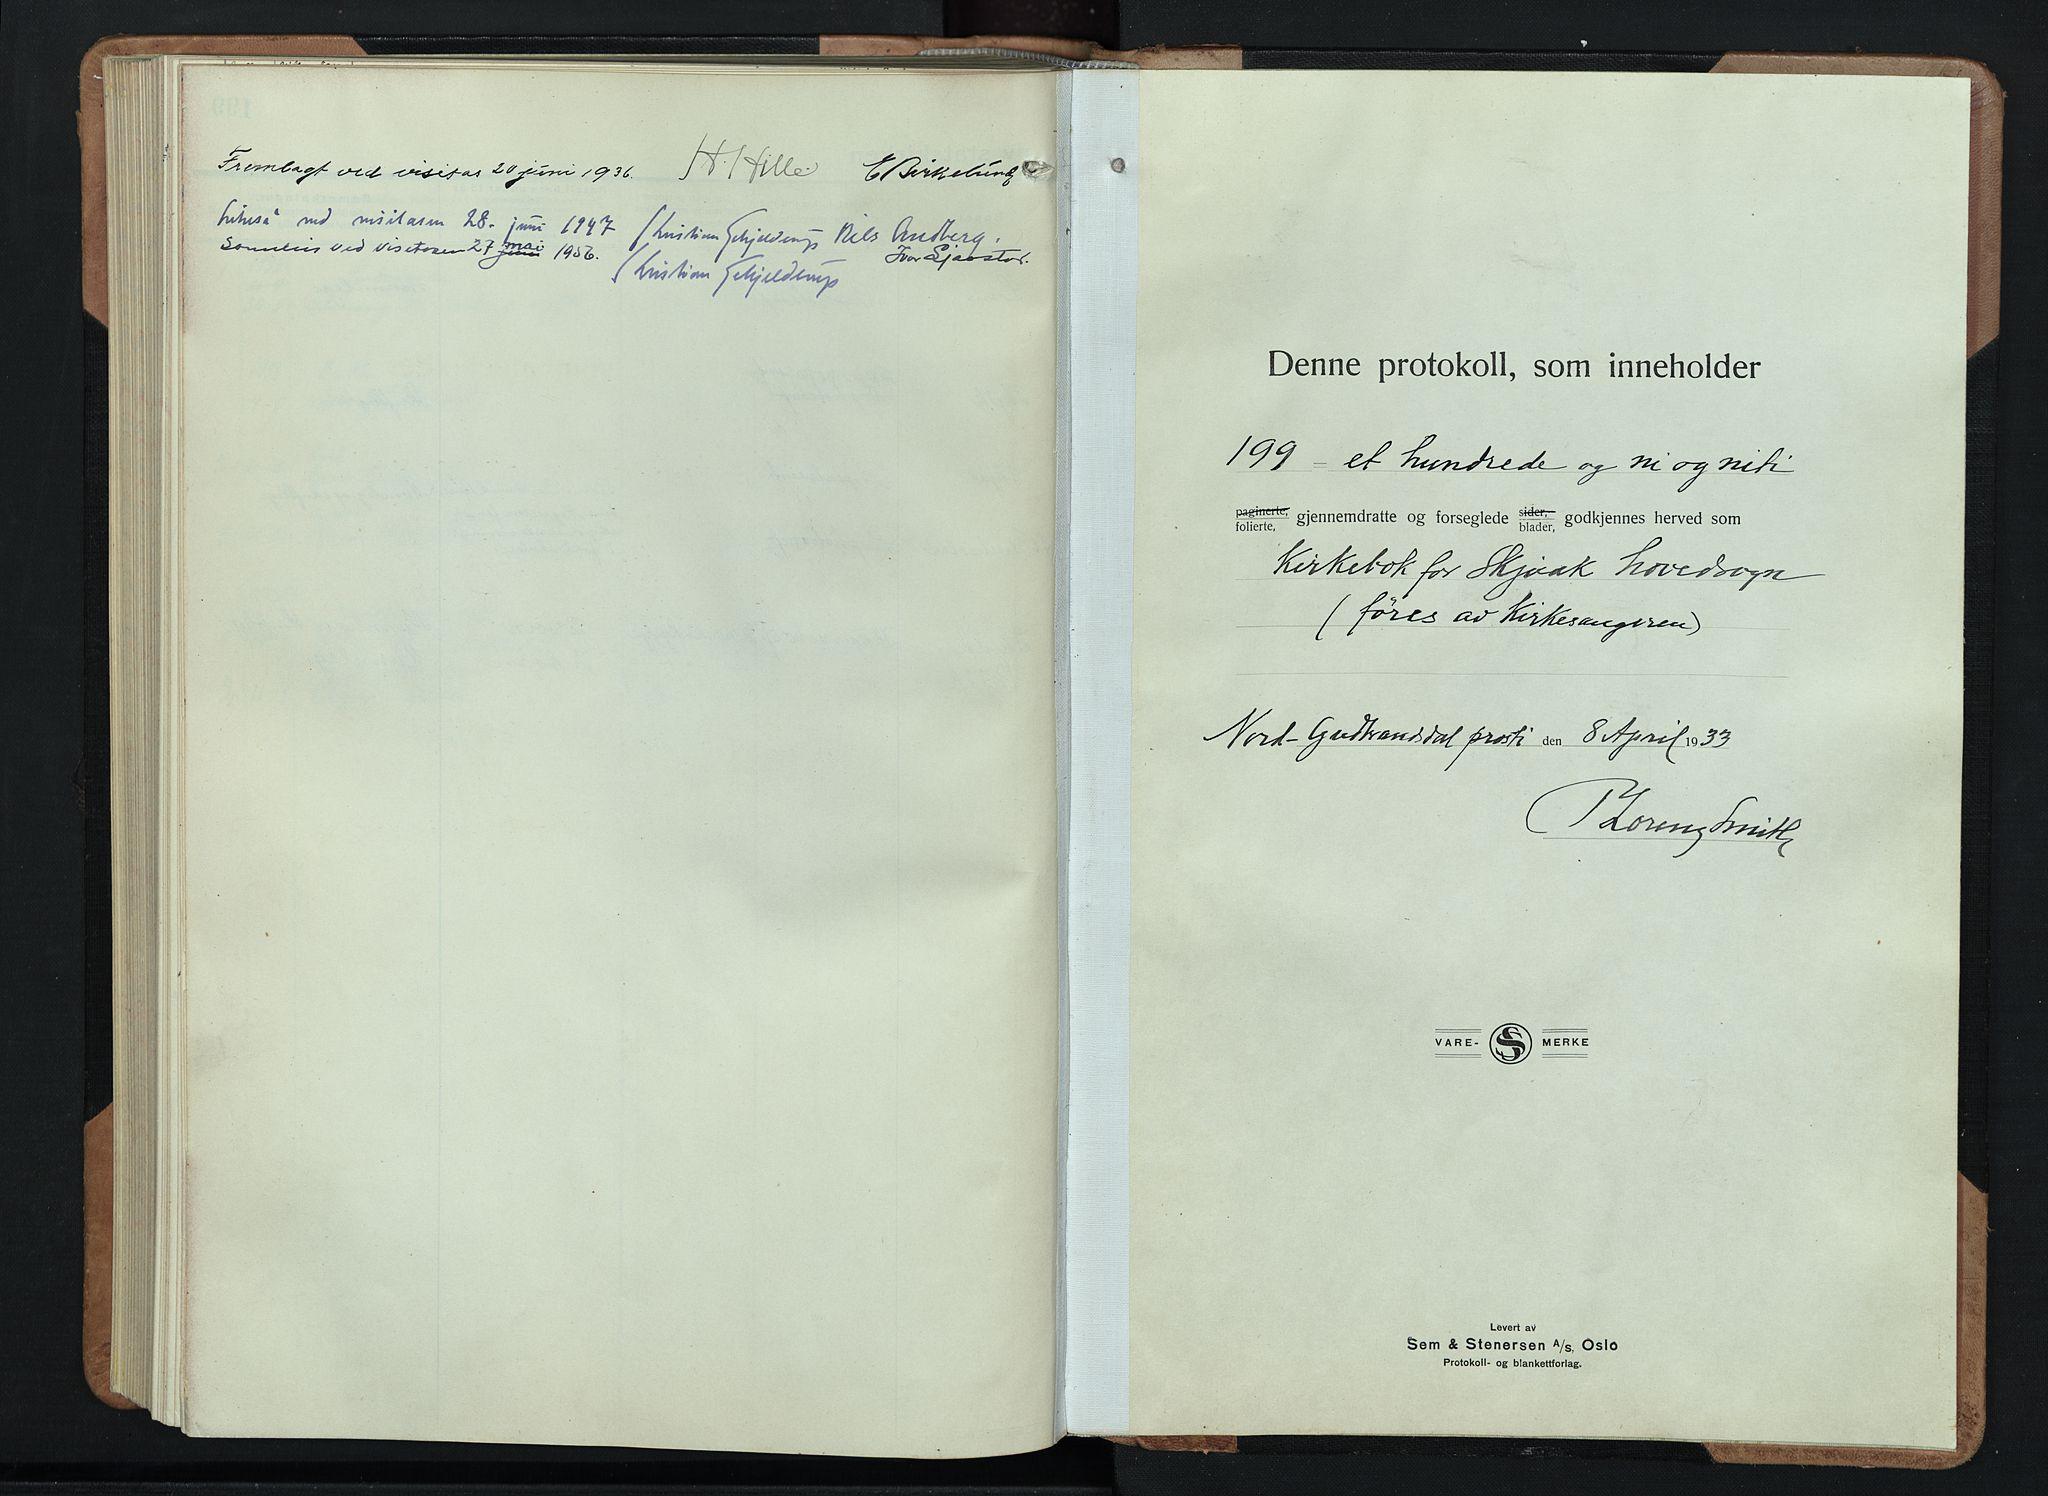 SAH, Skjåk prestekontor, Klokkerbok nr. 6, 1933-1954